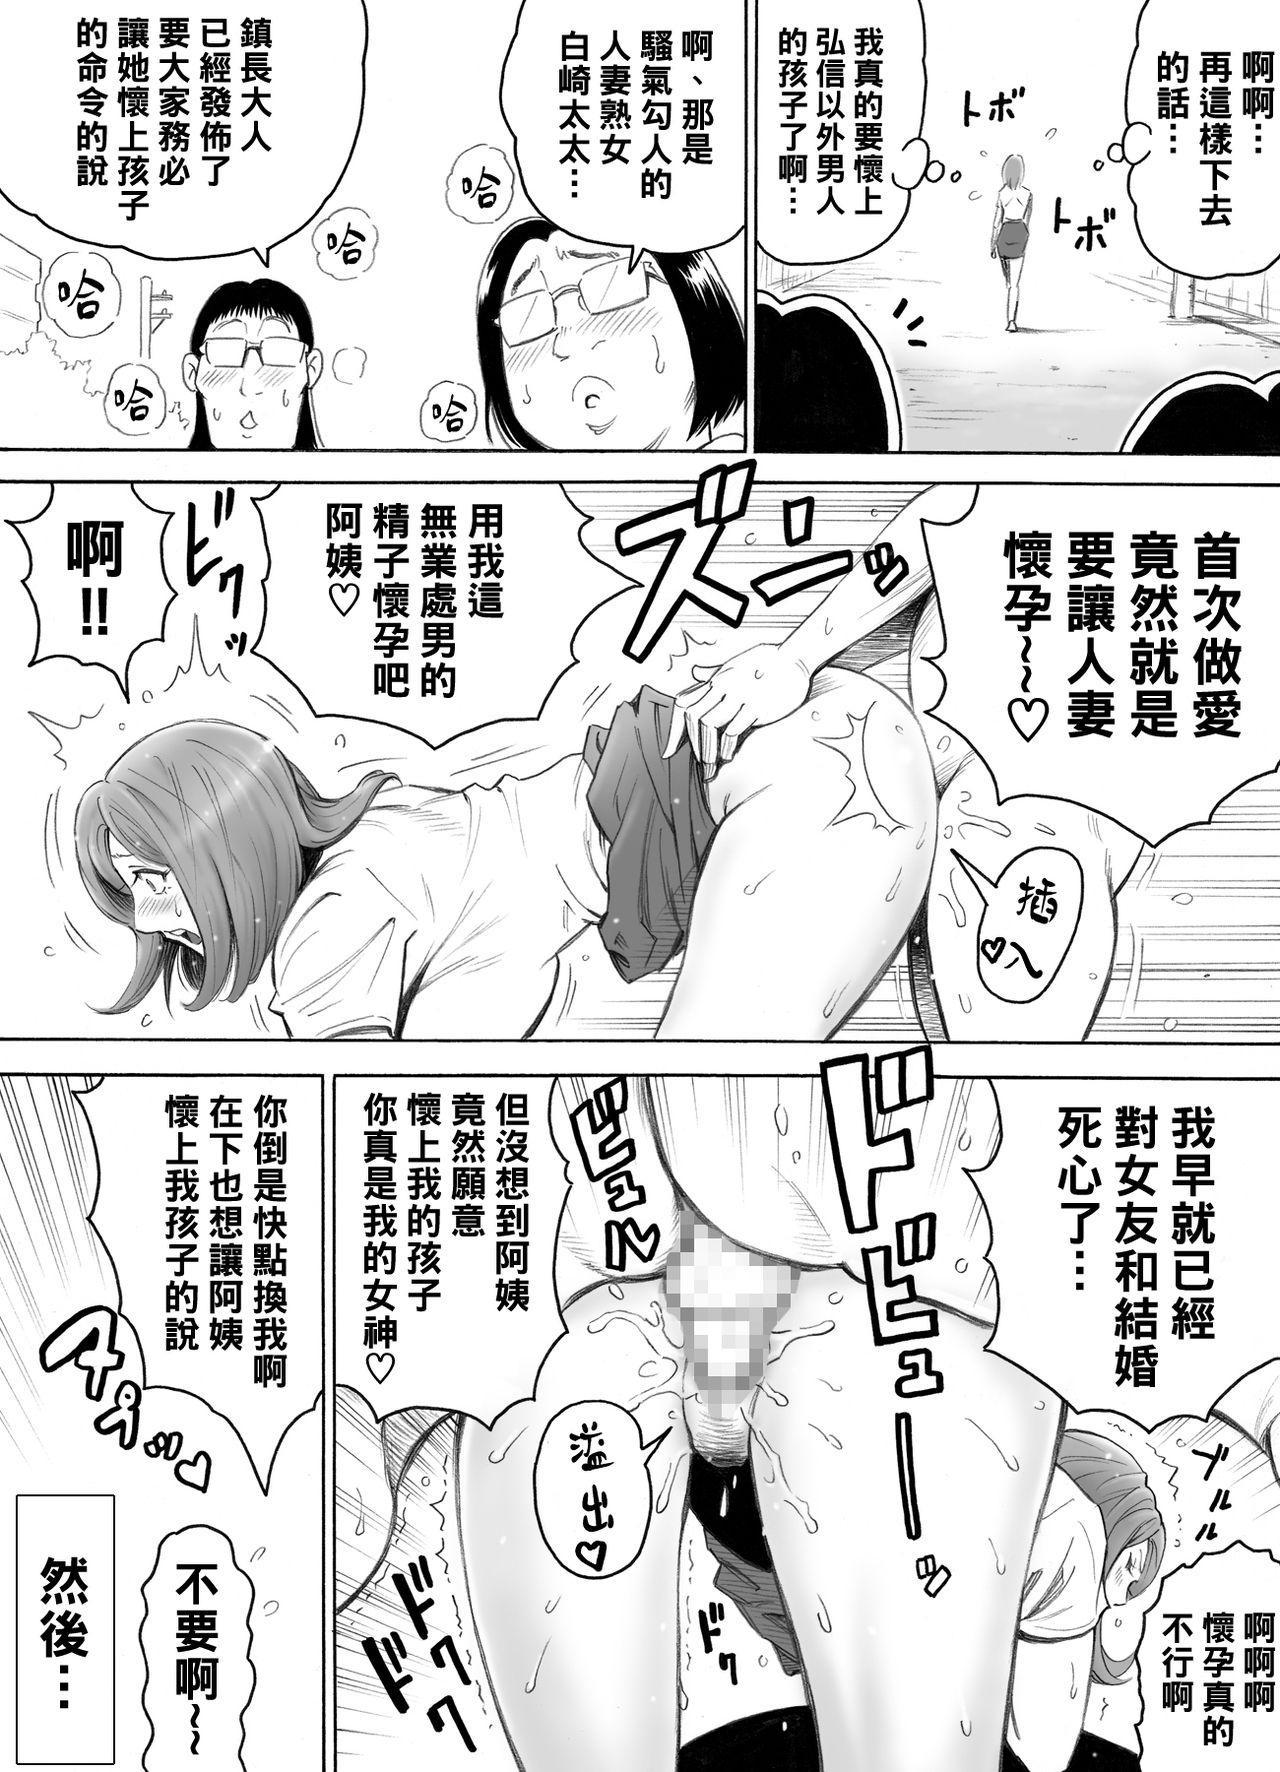 Aka-chan ga Hoshii Hitozuma o Chounai Minna de Haramaseyou 17